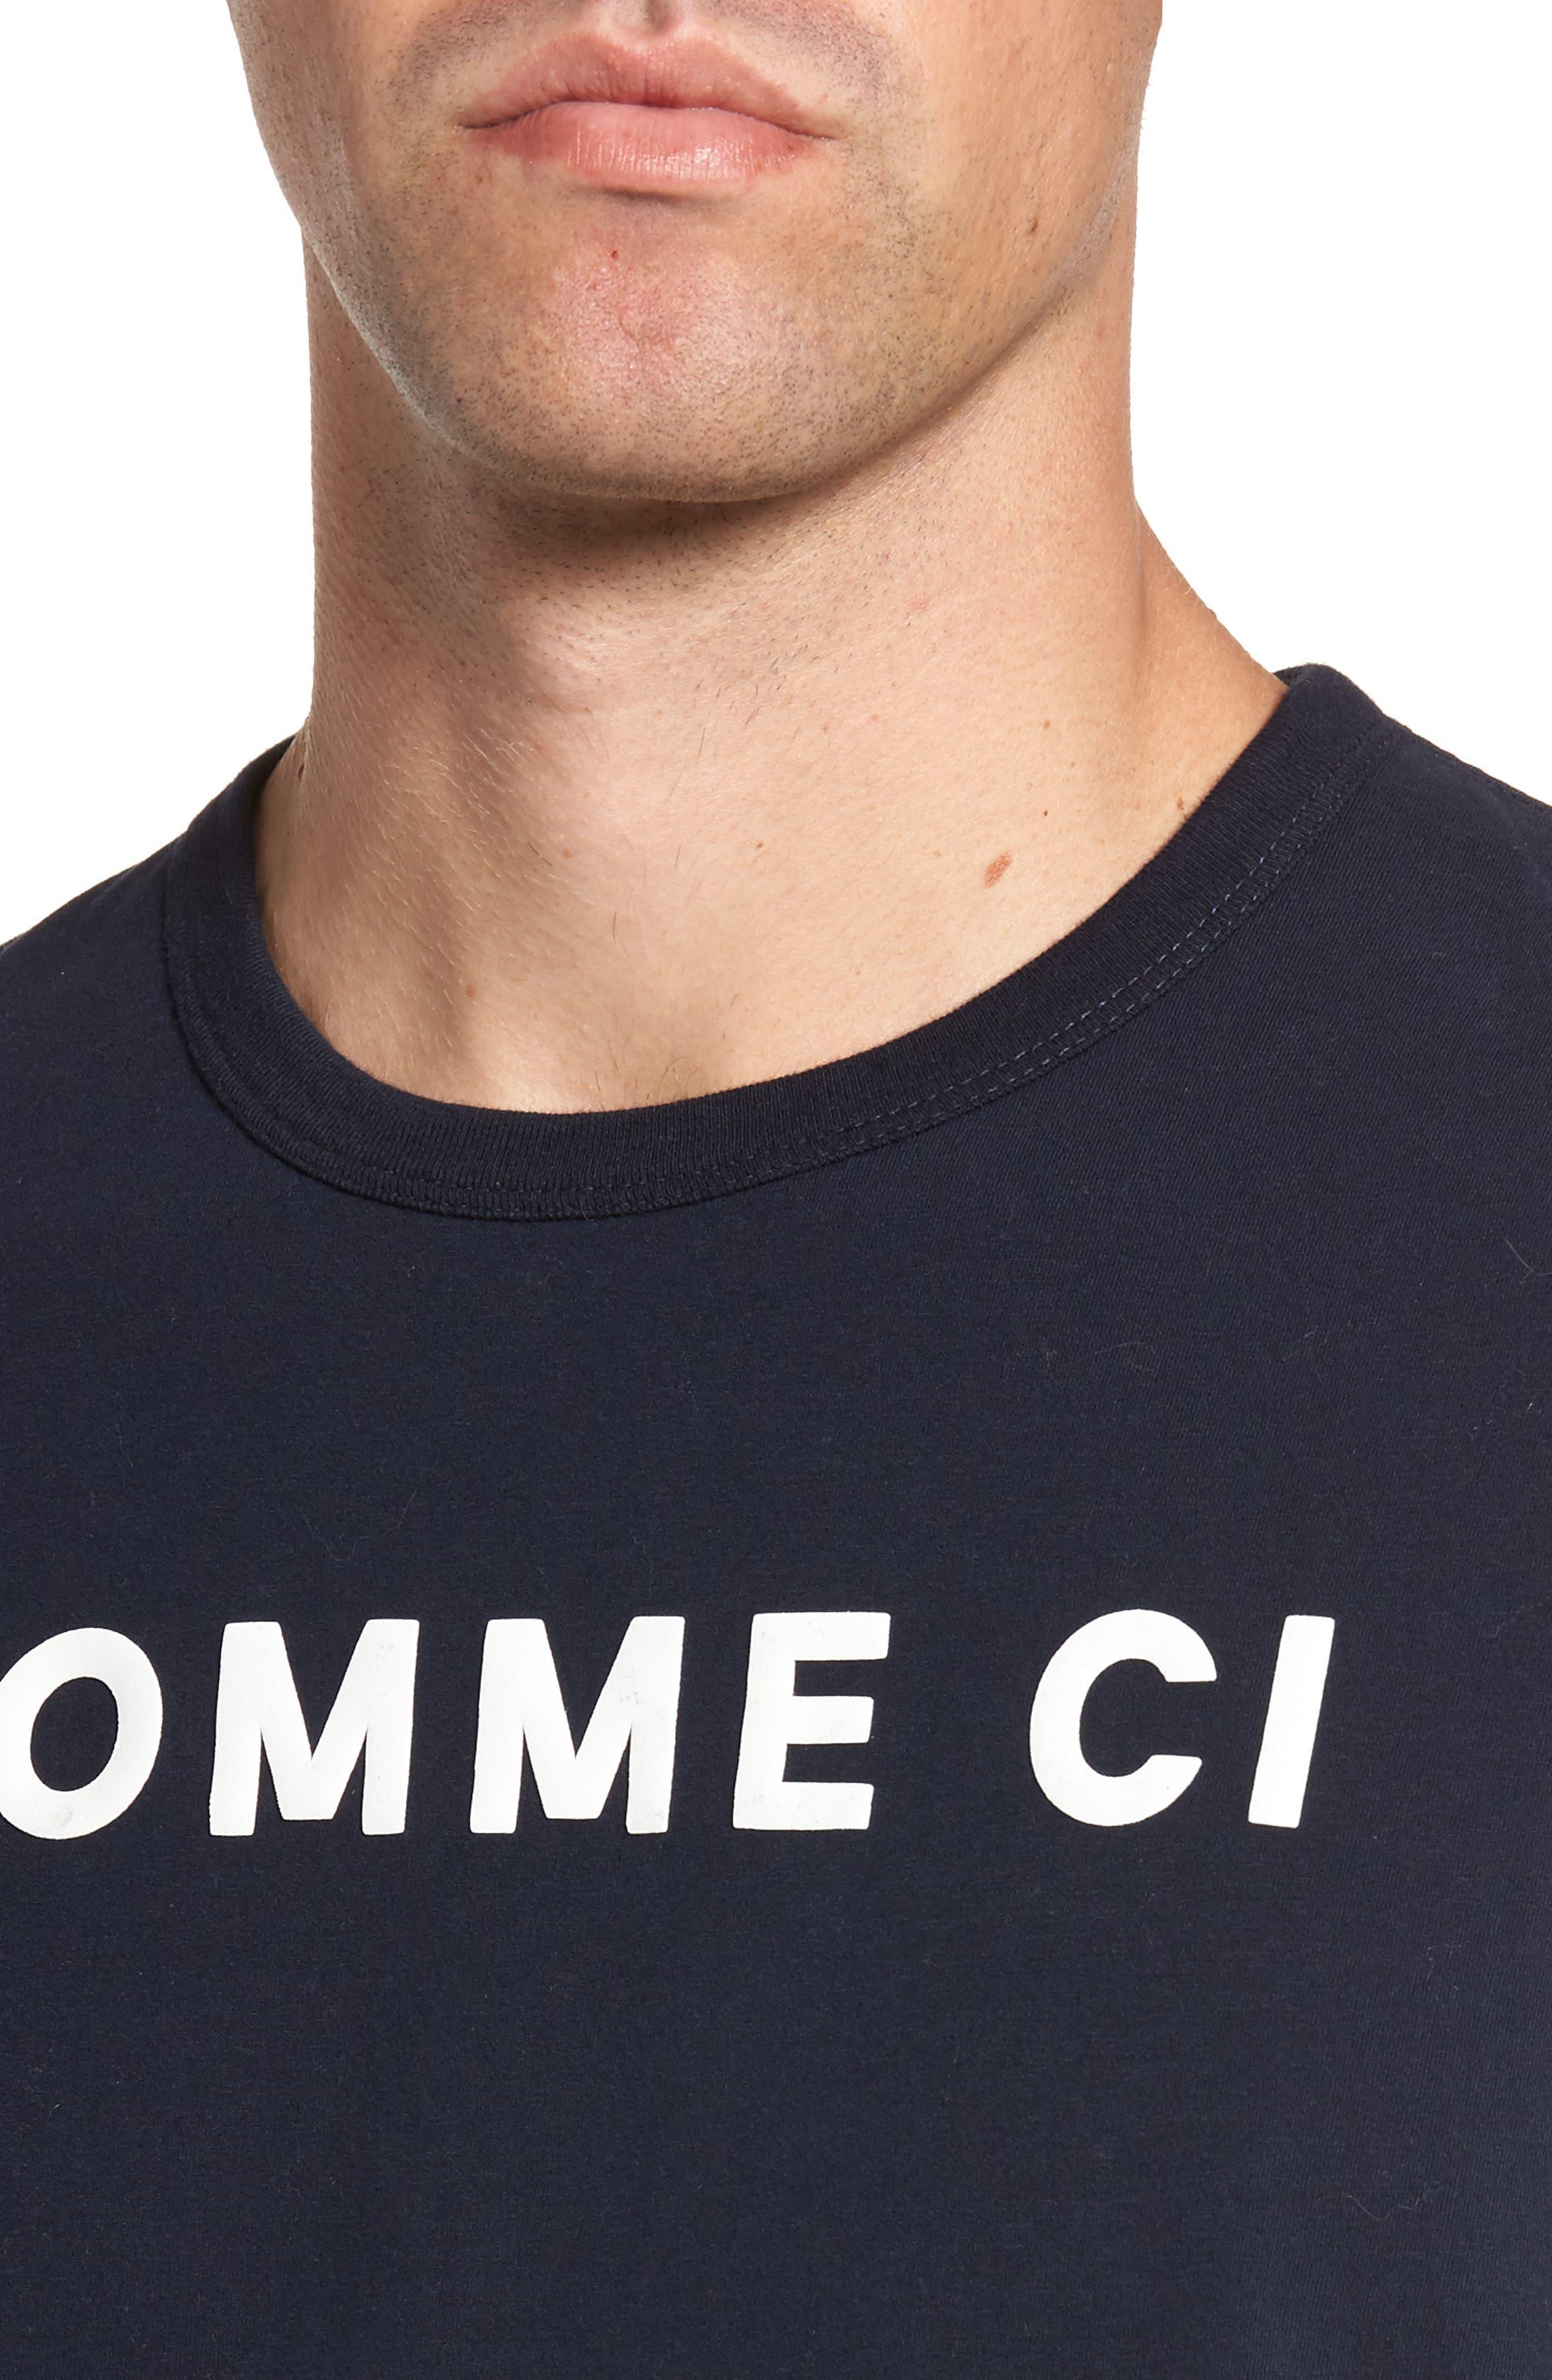 Comme Ci Comme Ça Regular Fit T-Shirt,                             Alternate thumbnail 4, color,                             404